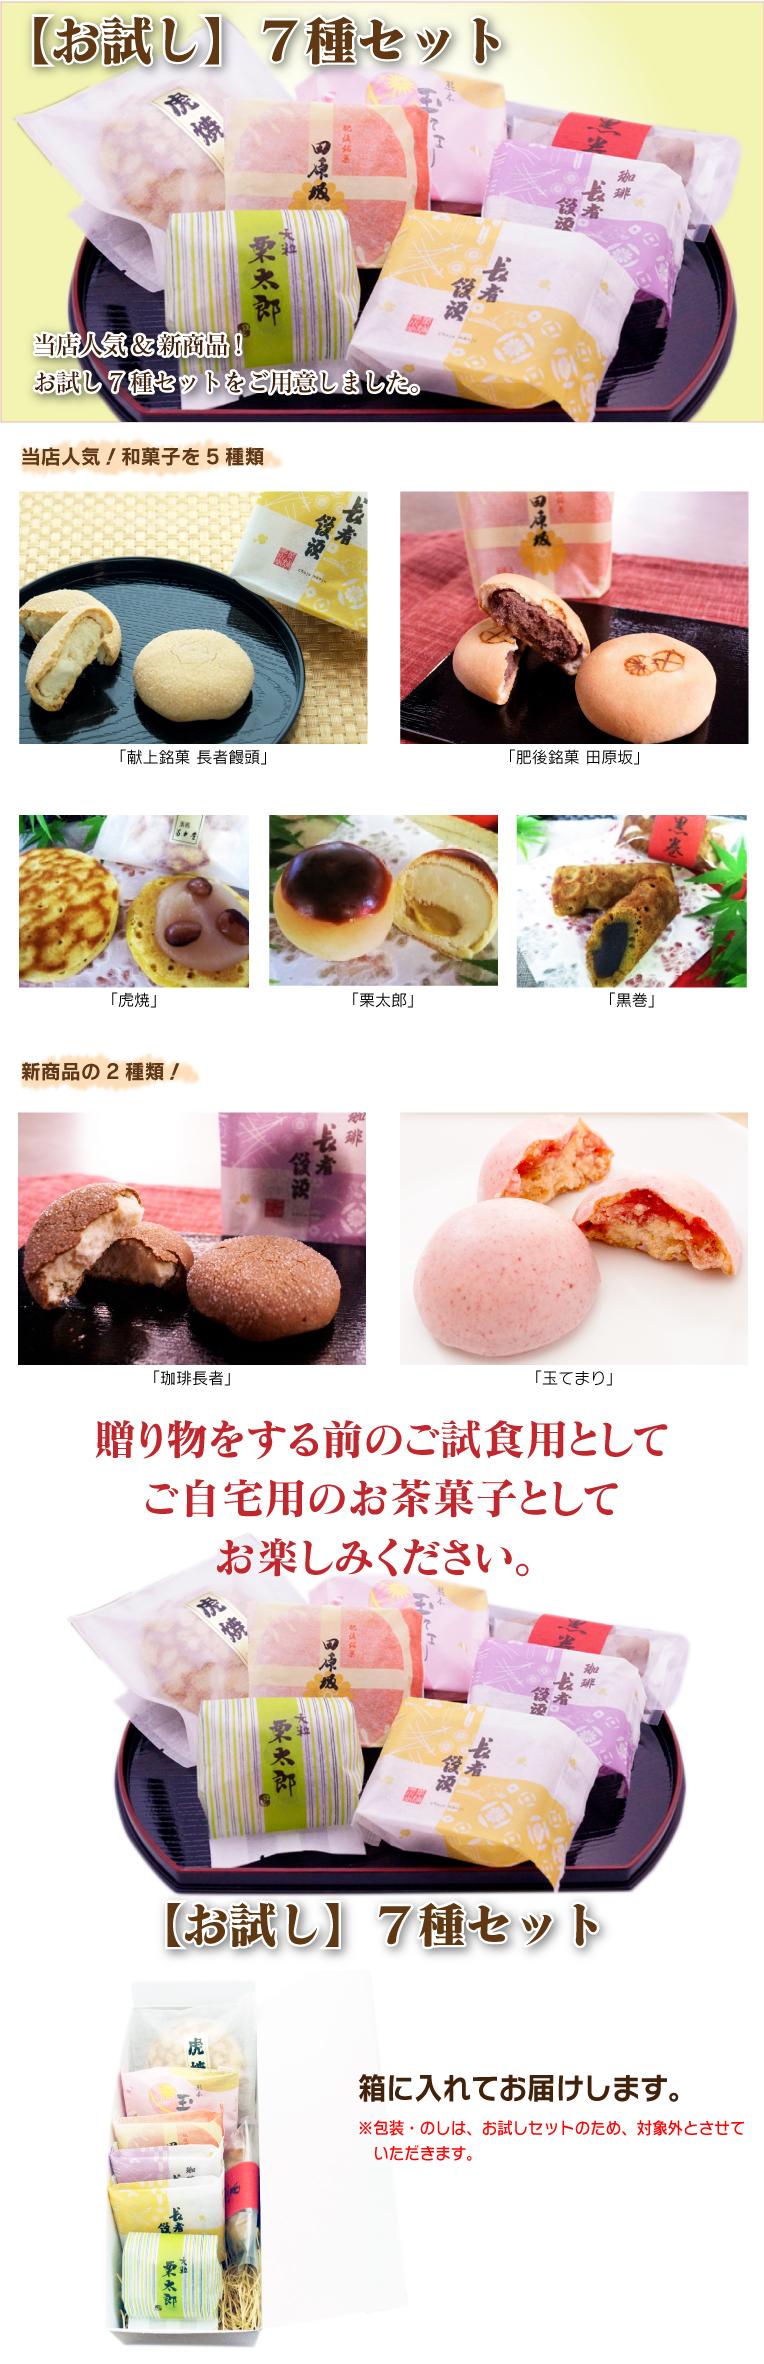 お試し和菓子7種セット